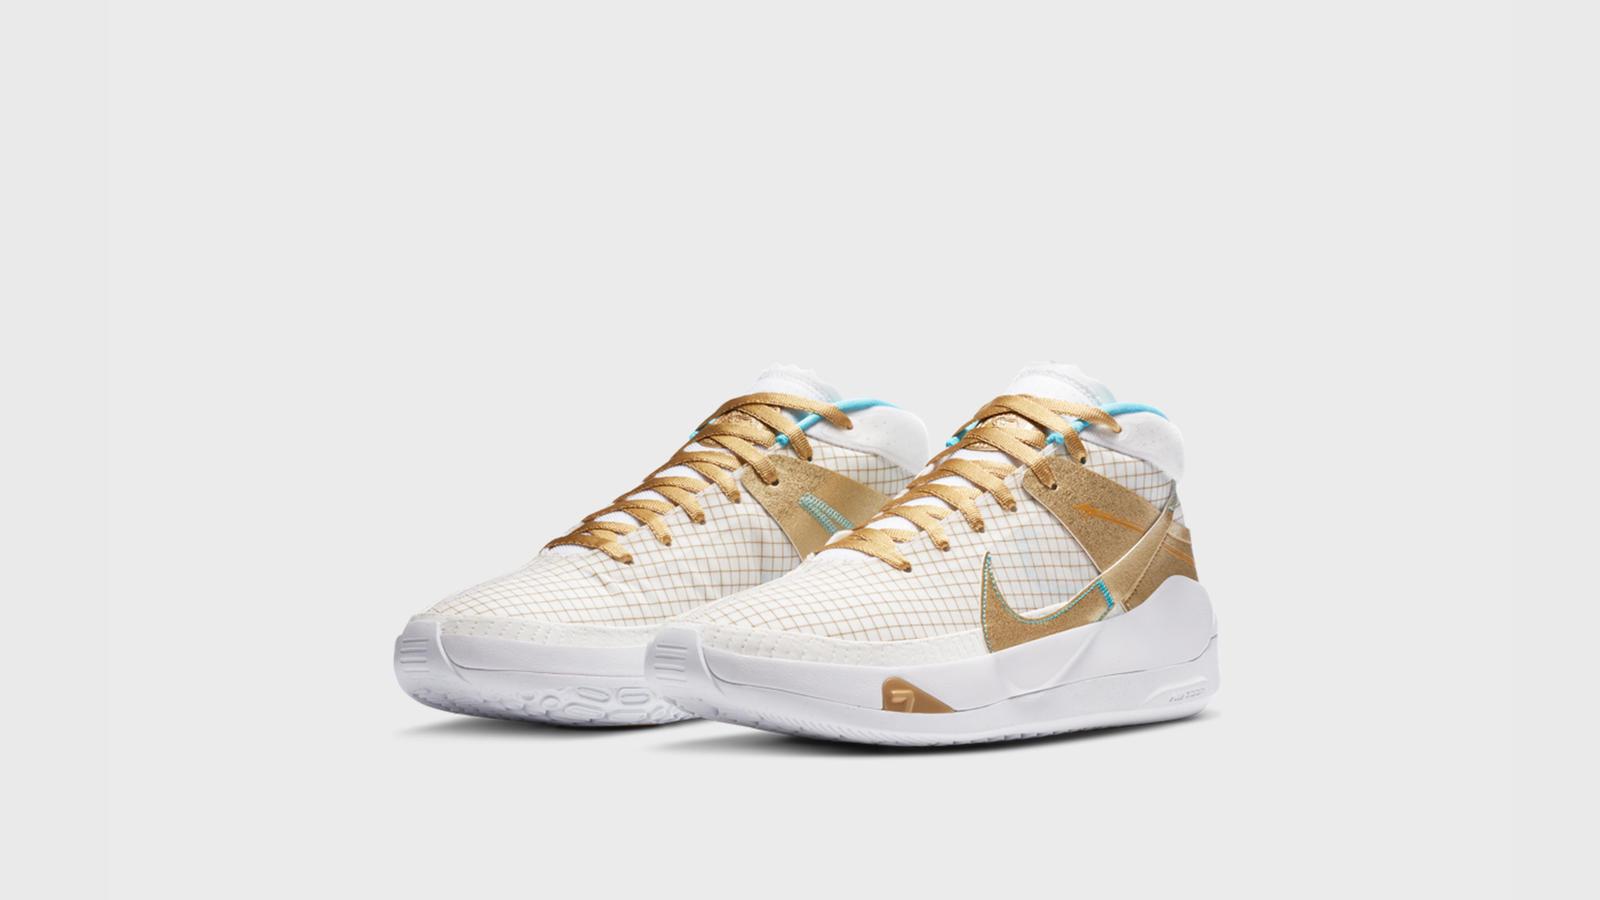 Nike Basketball Footwear NBA and WNBA Return 2020 12